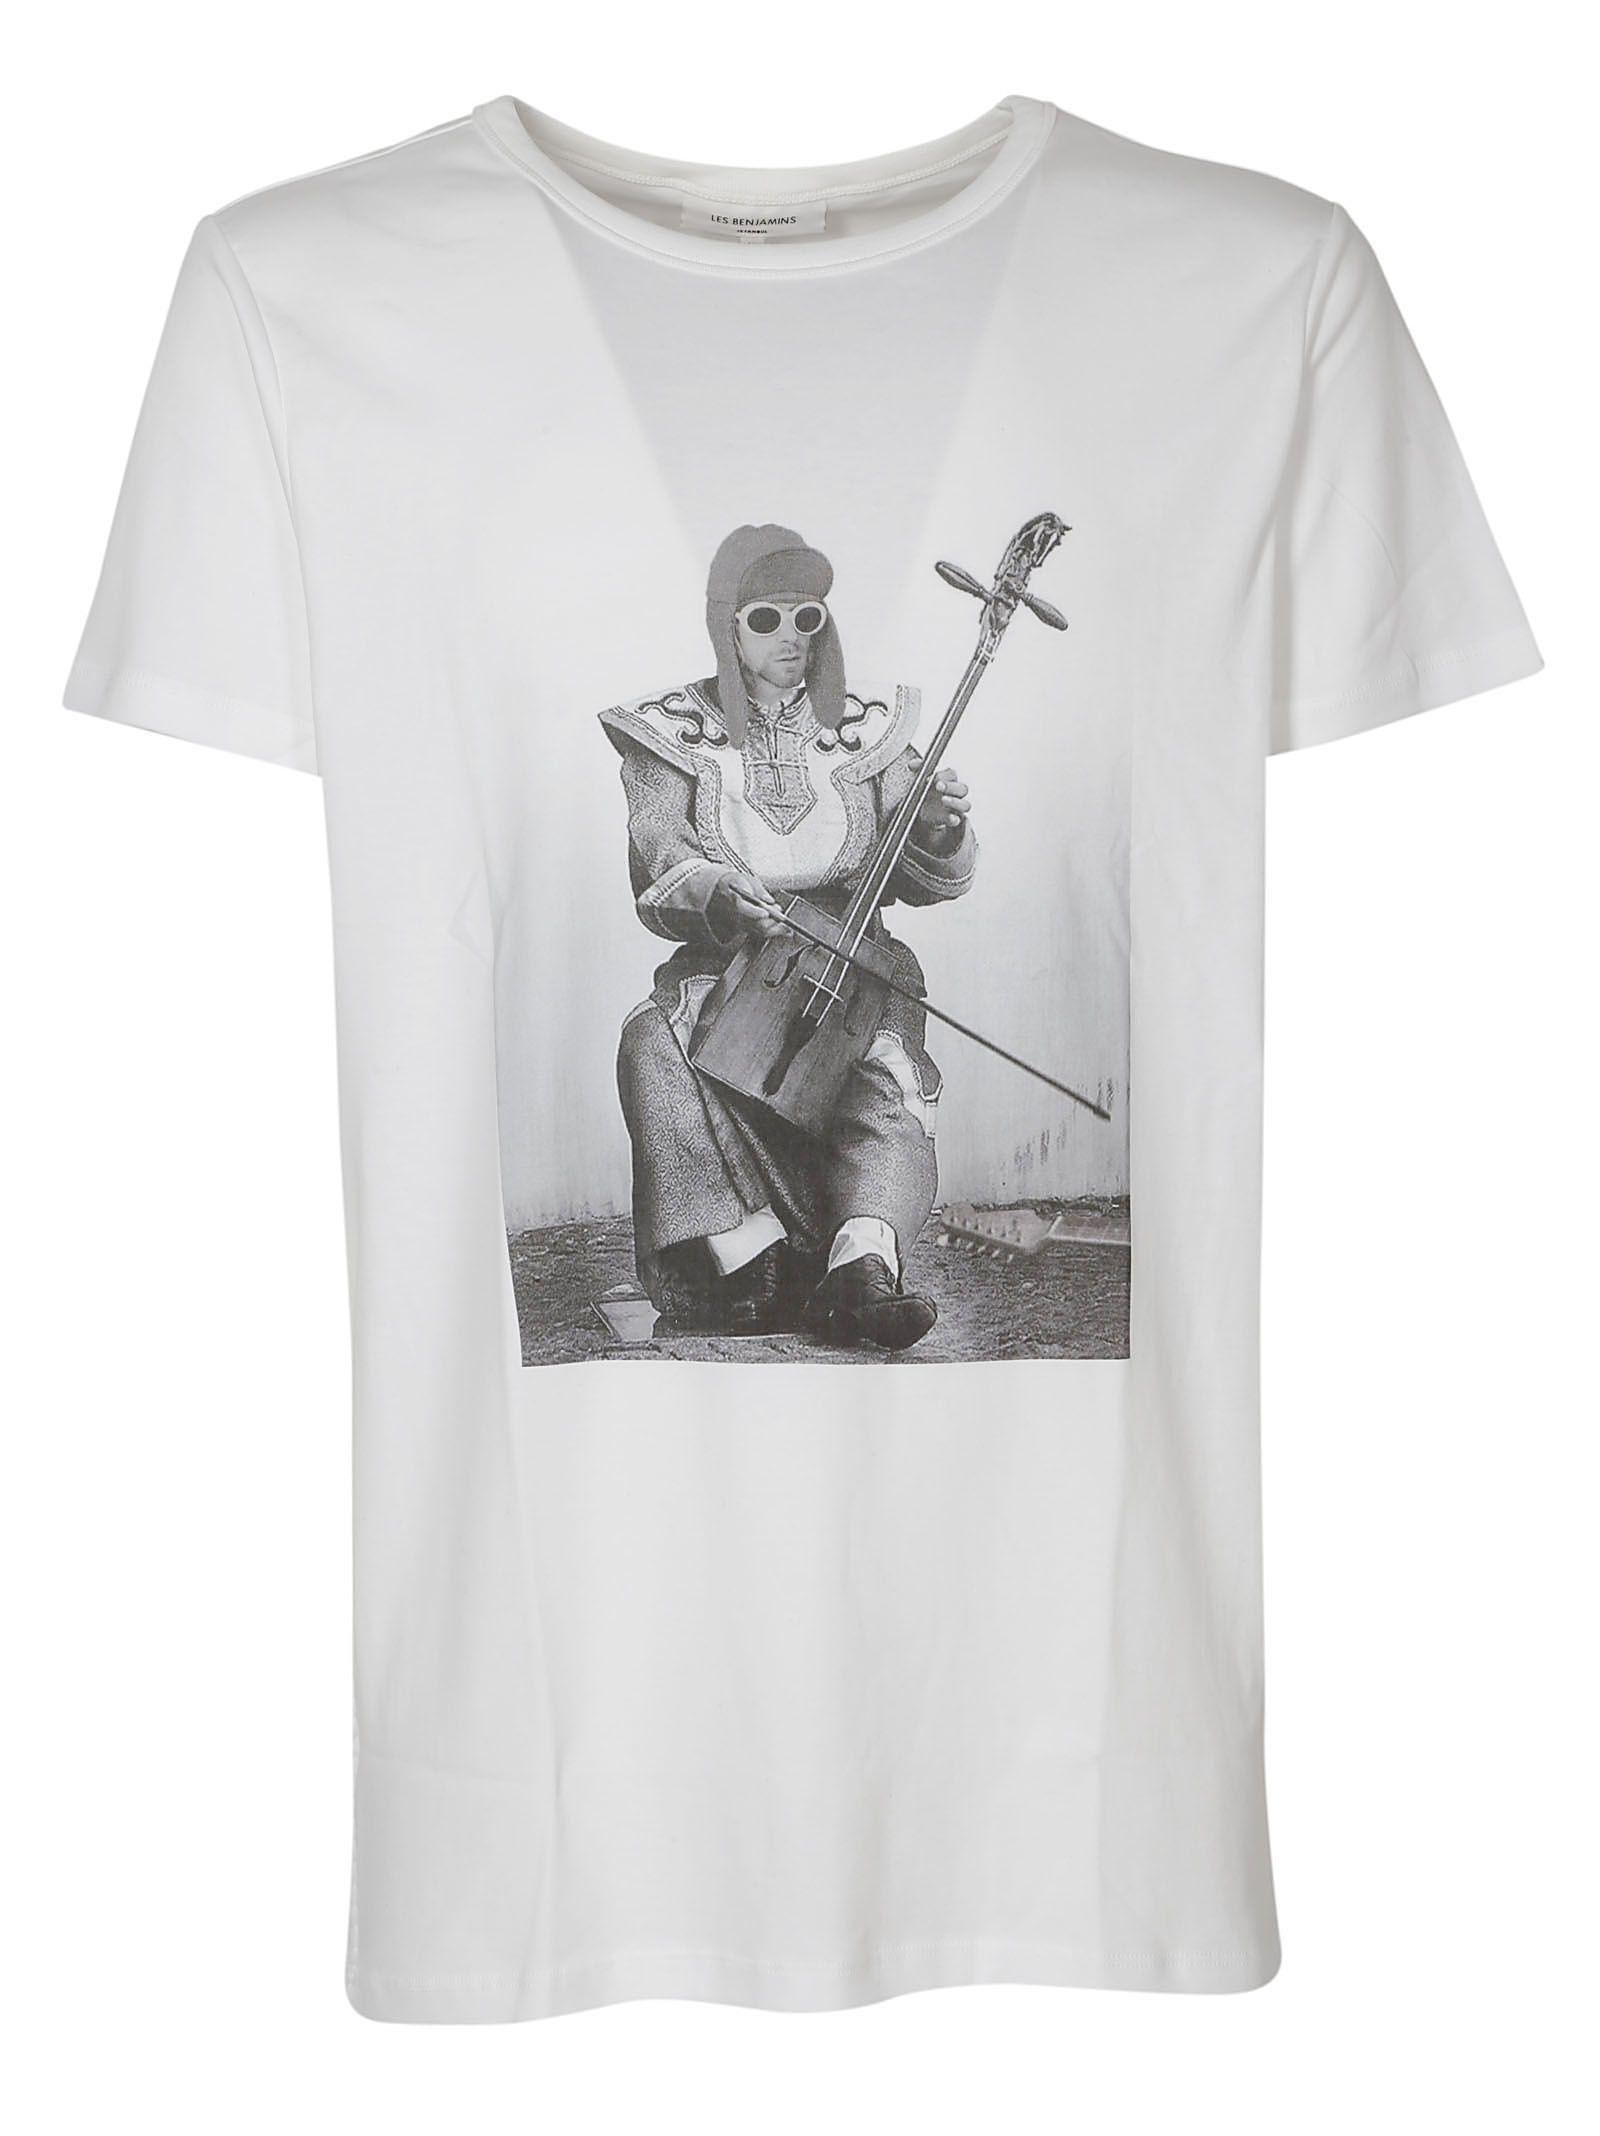 Les Benjamins Cevza T-shirt